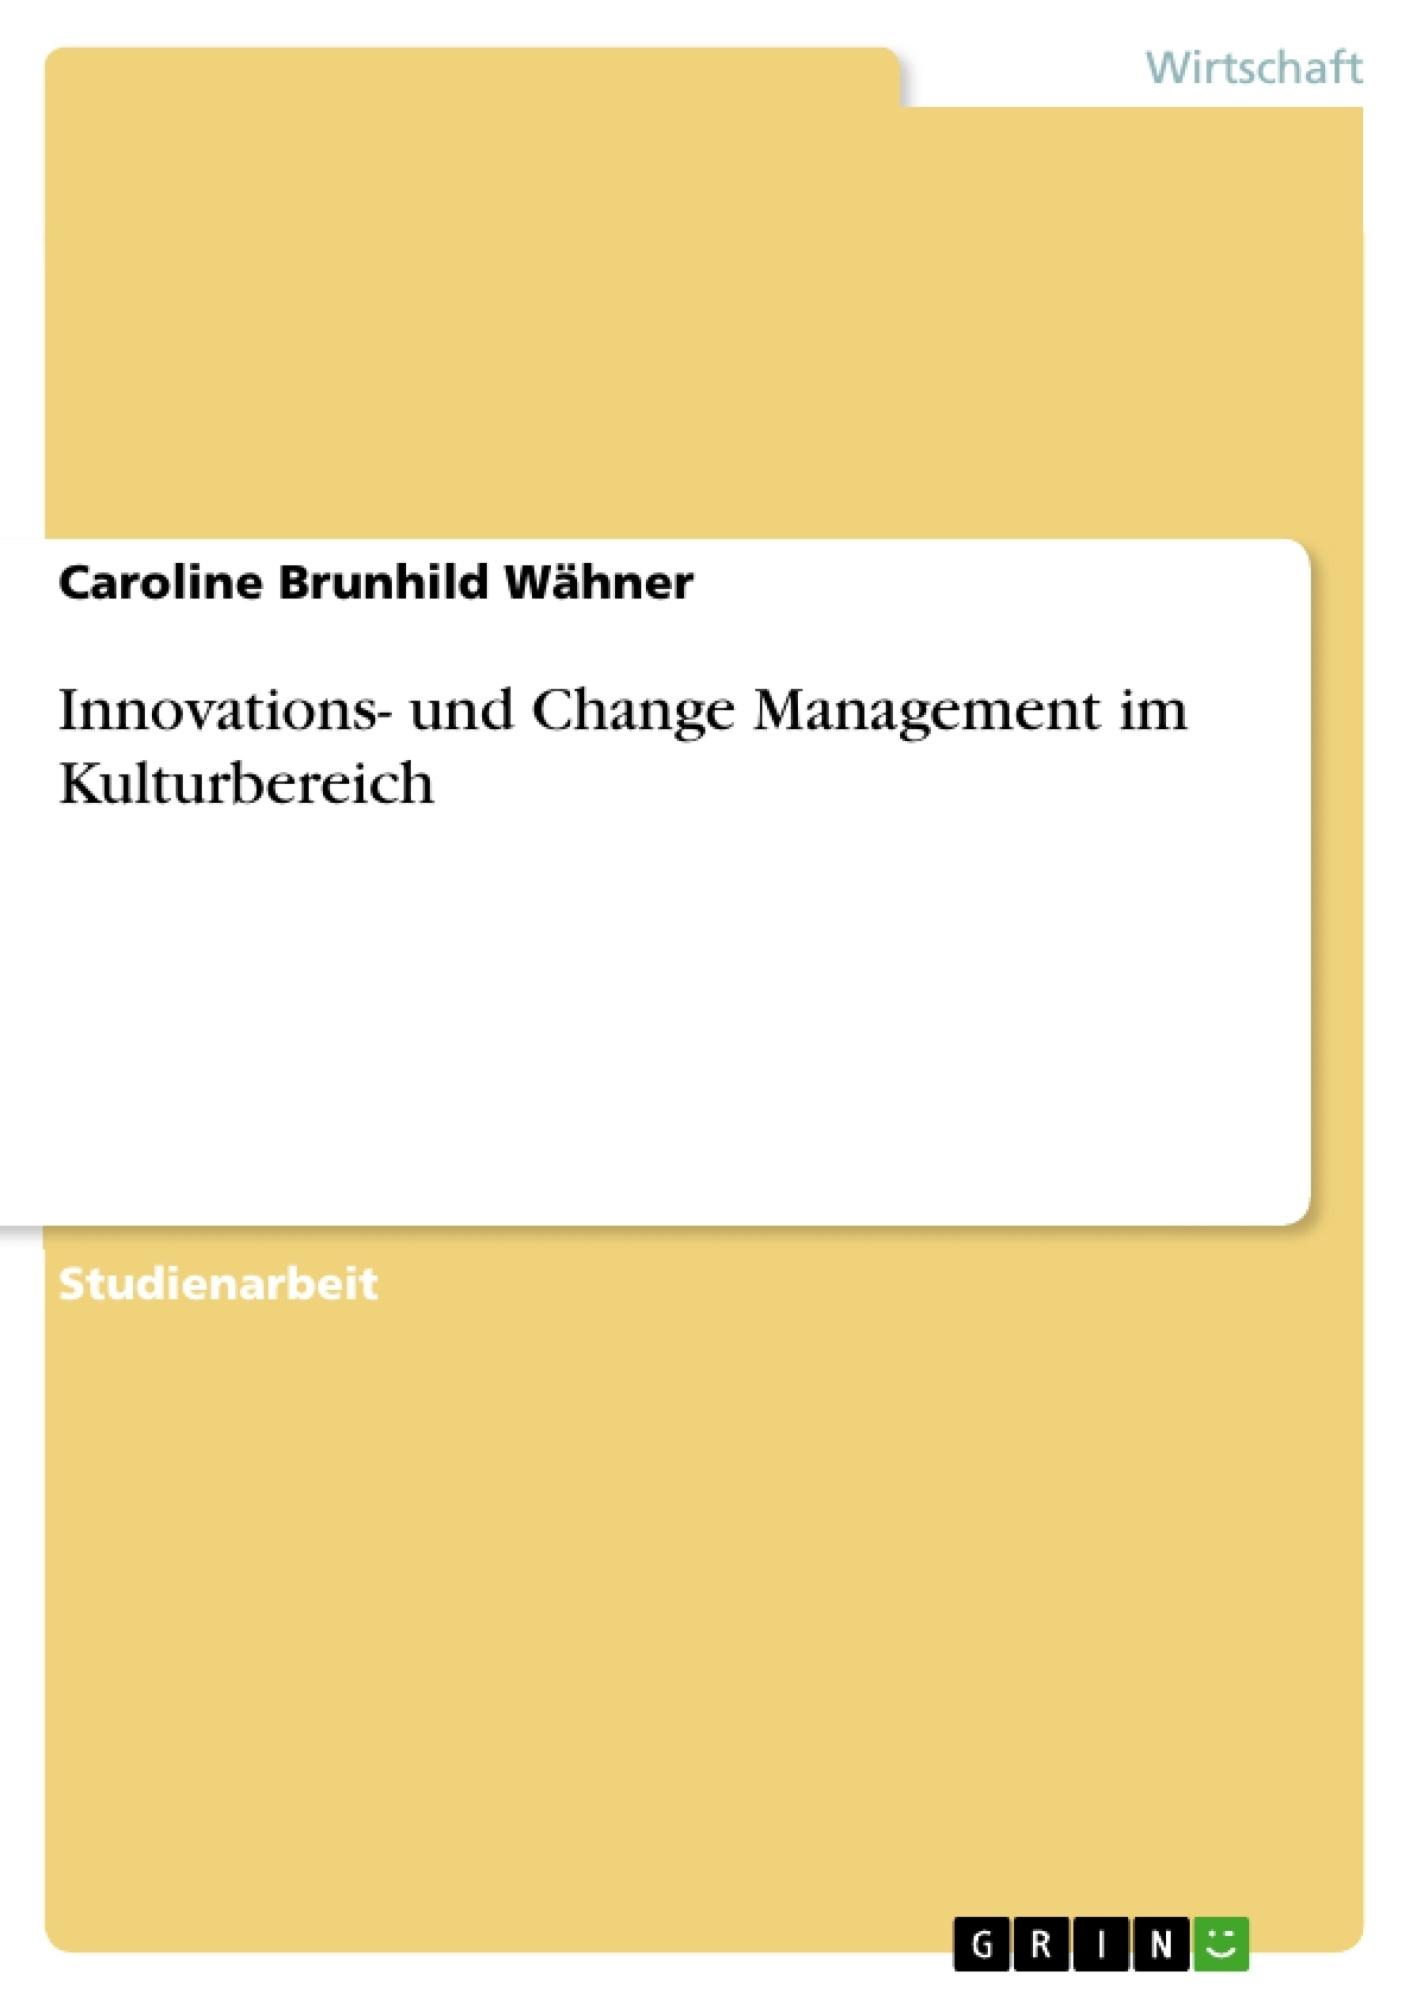 Titel: Innovations- und Change Management im Kulturbereich